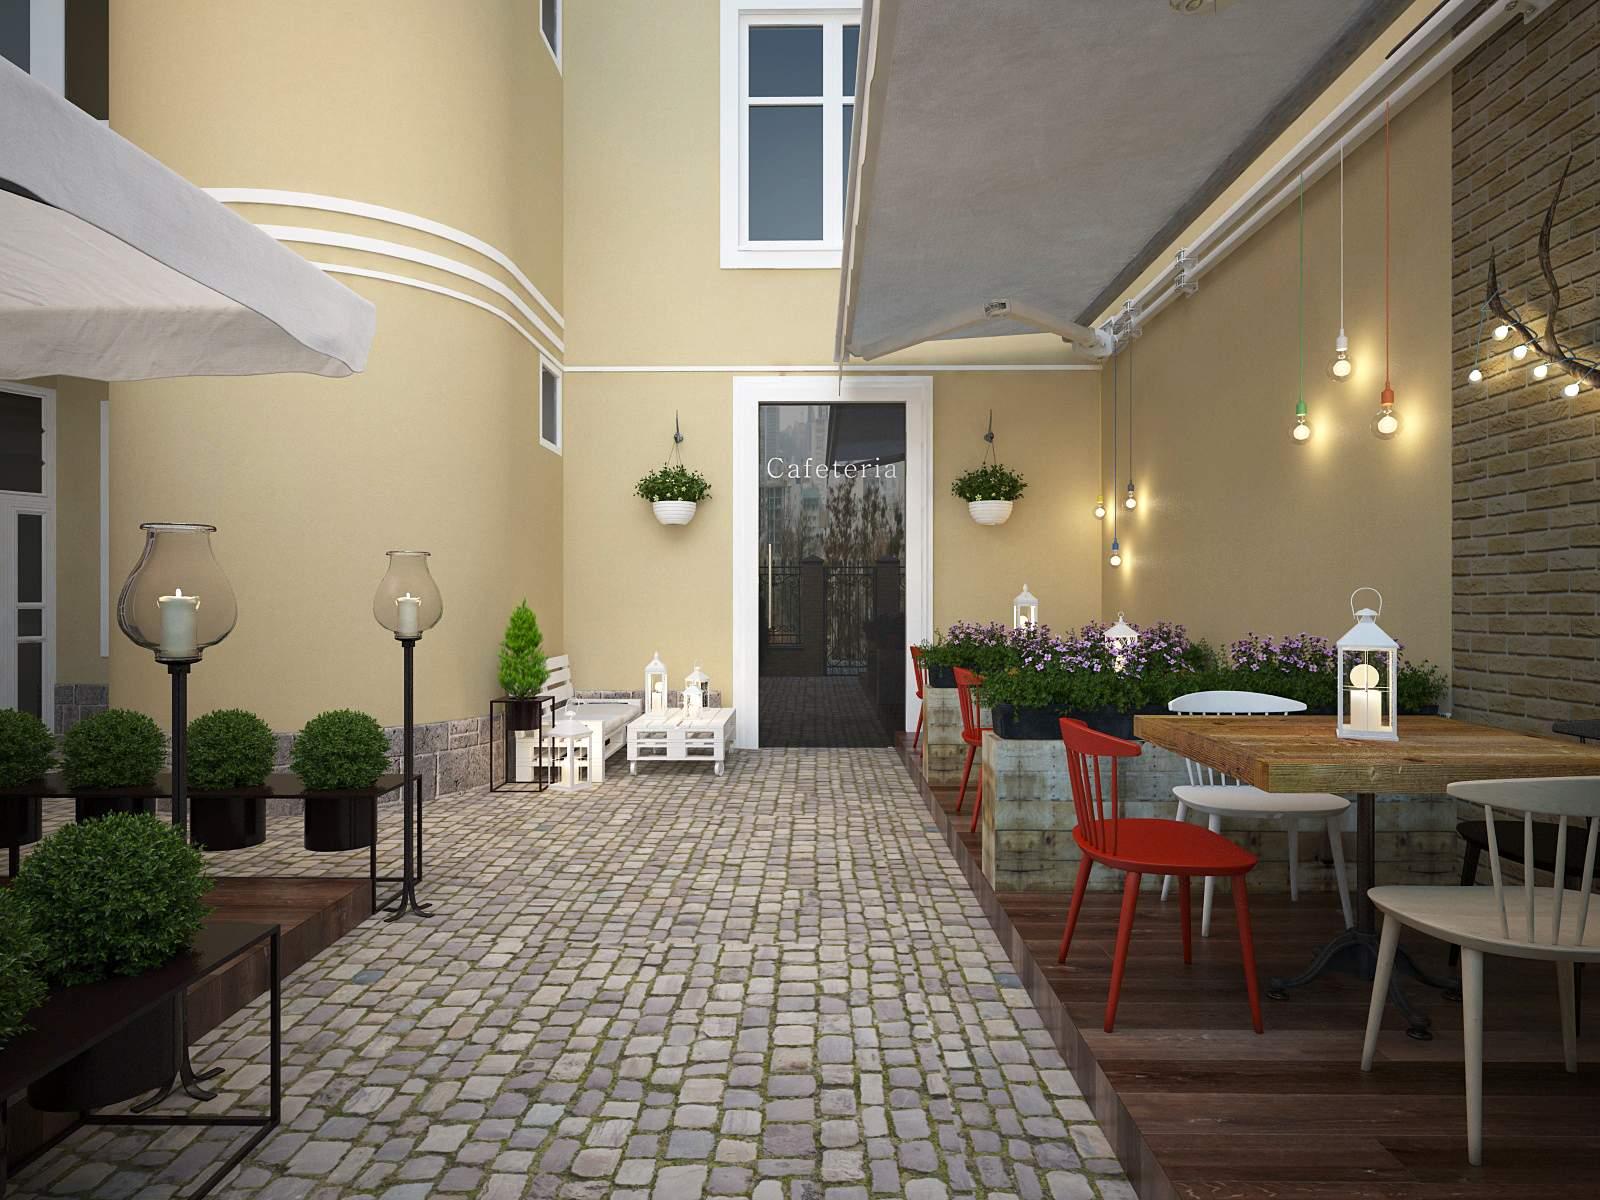 interior_1 (2)_1600x1200